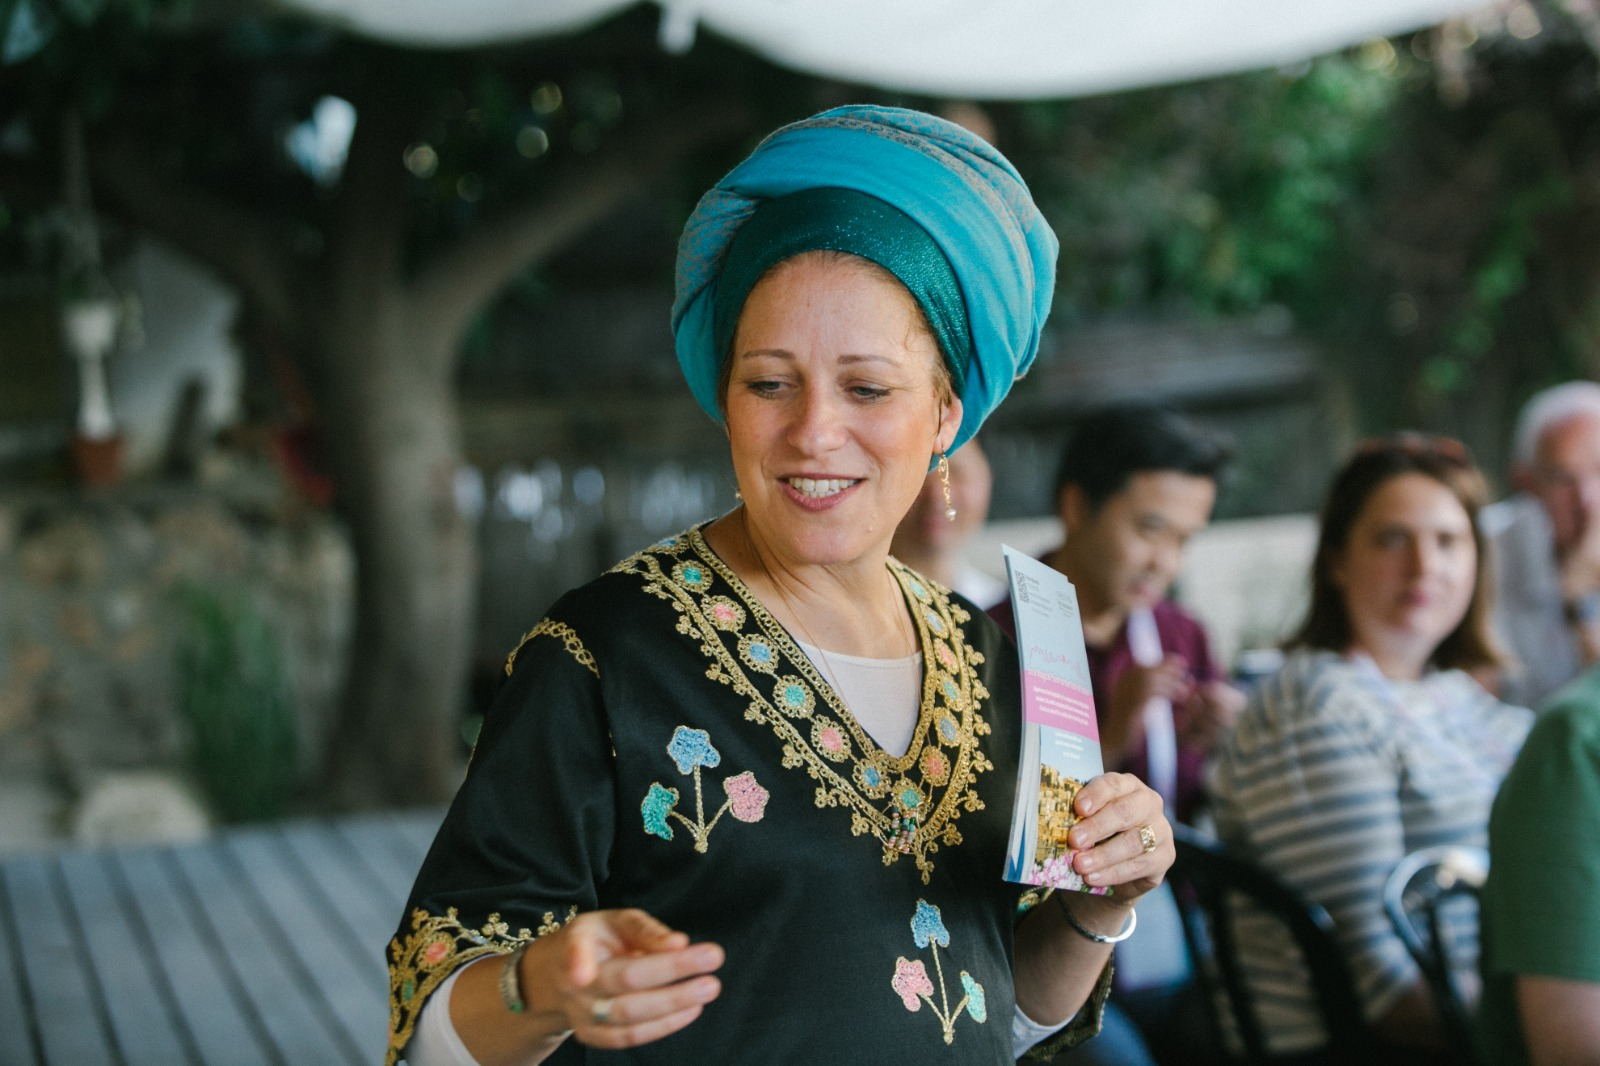 אפרת חלמיש, חן המקום בעיר דוד (צילום: אביתר ניסן)